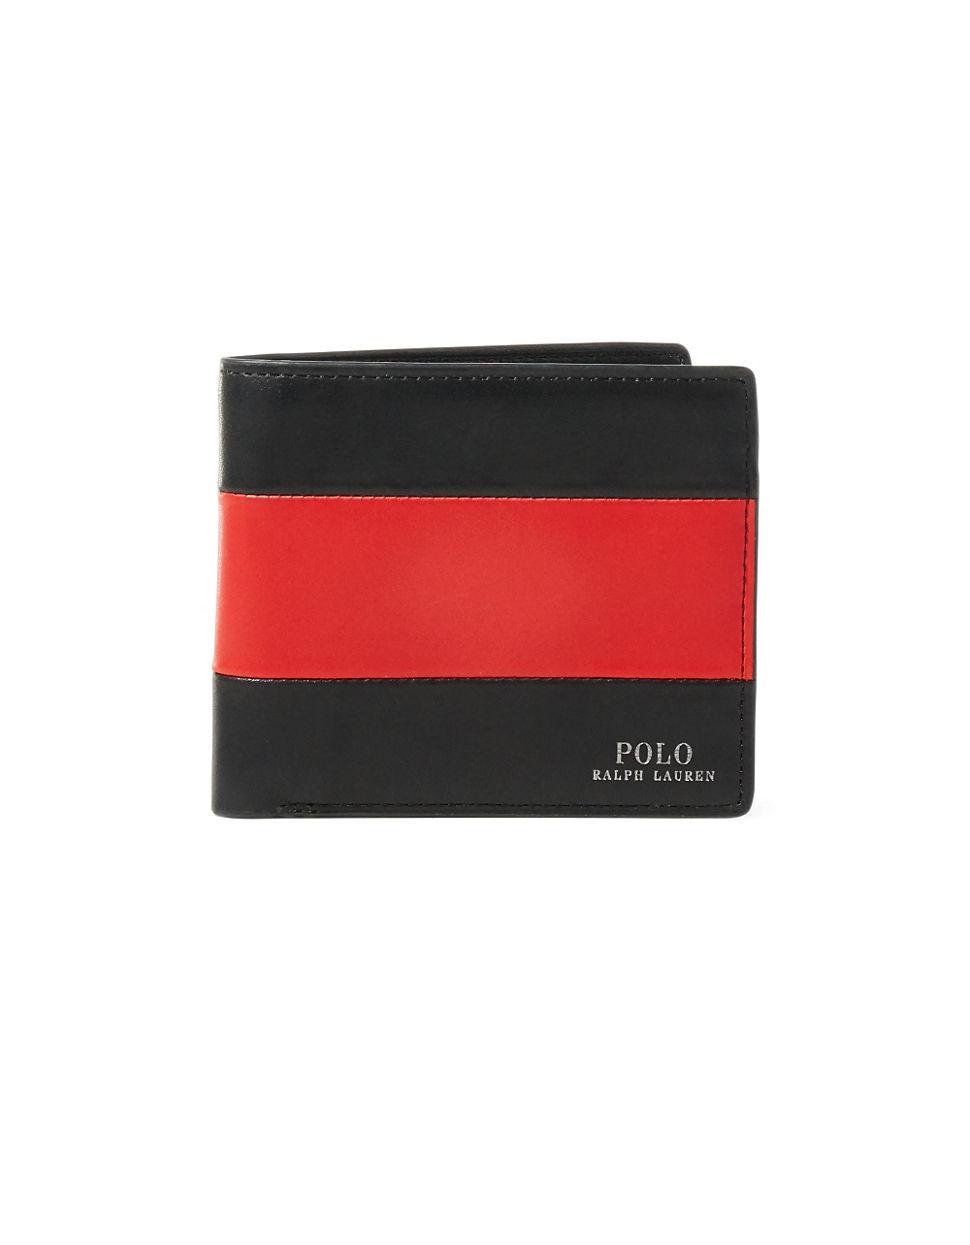 Polo Ralph Lauren Bi Fold Striped Wallet In Red For Men Lyst